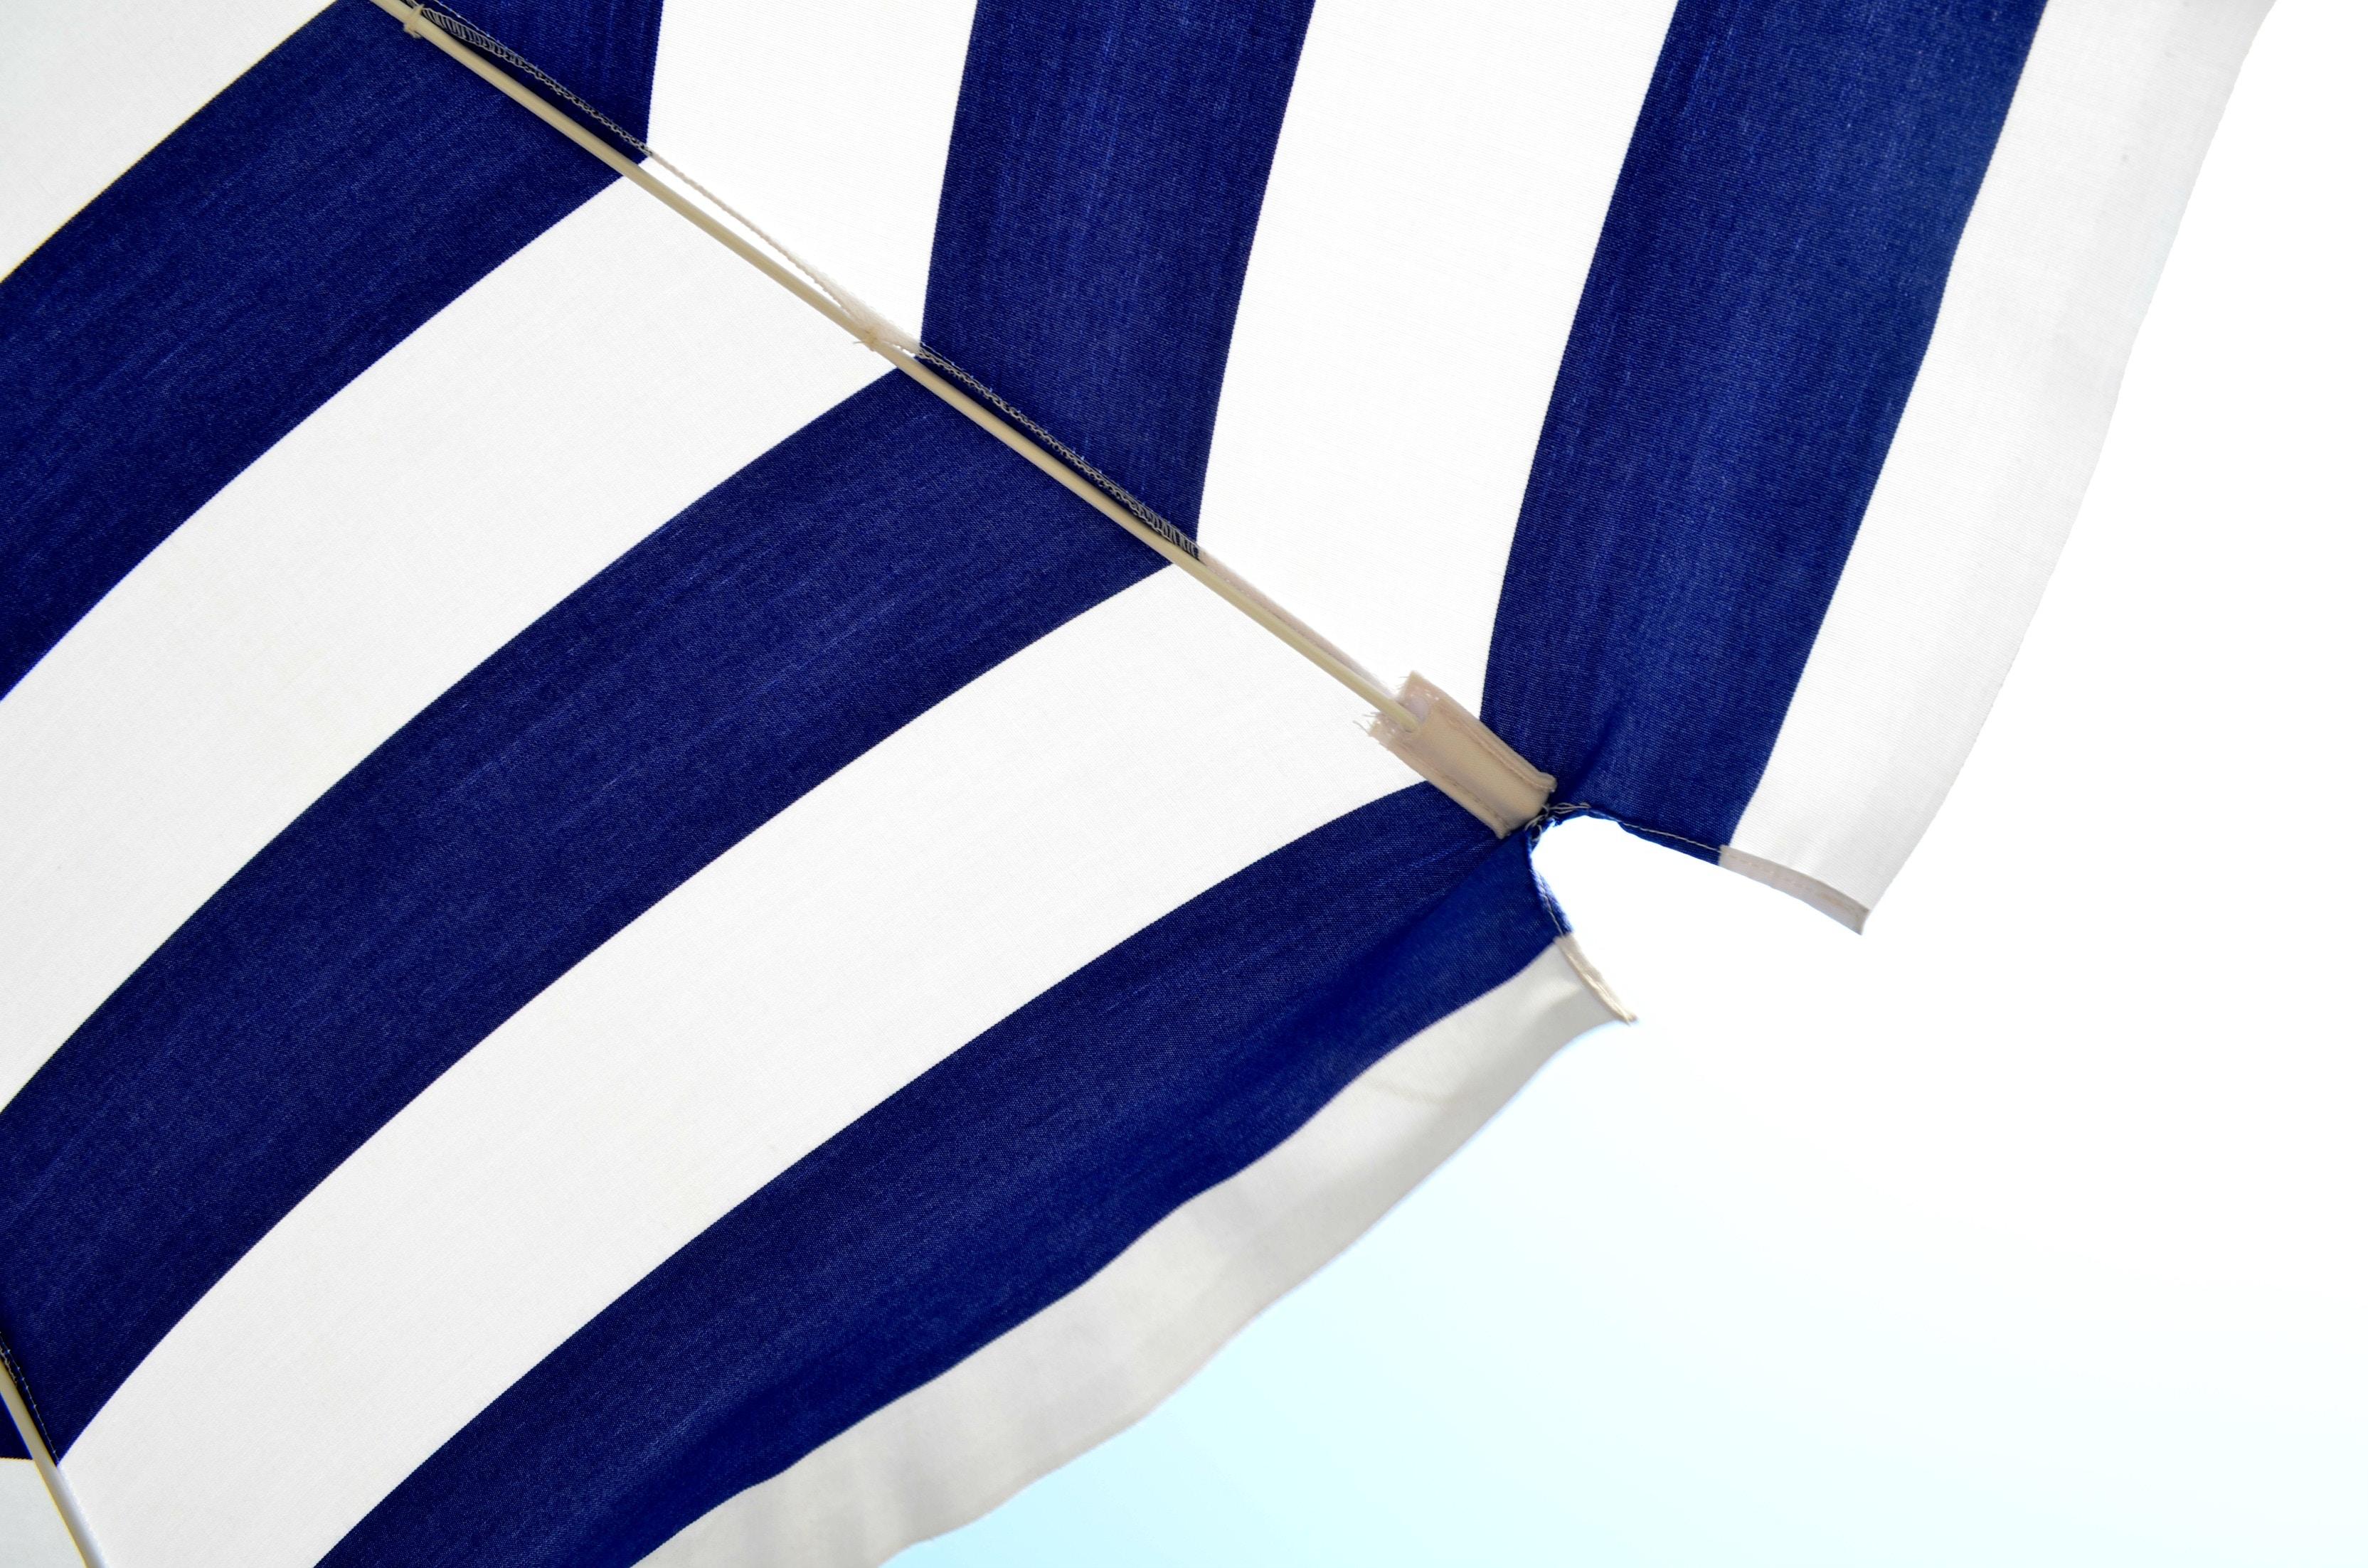 sun umbrella necessary in Greece